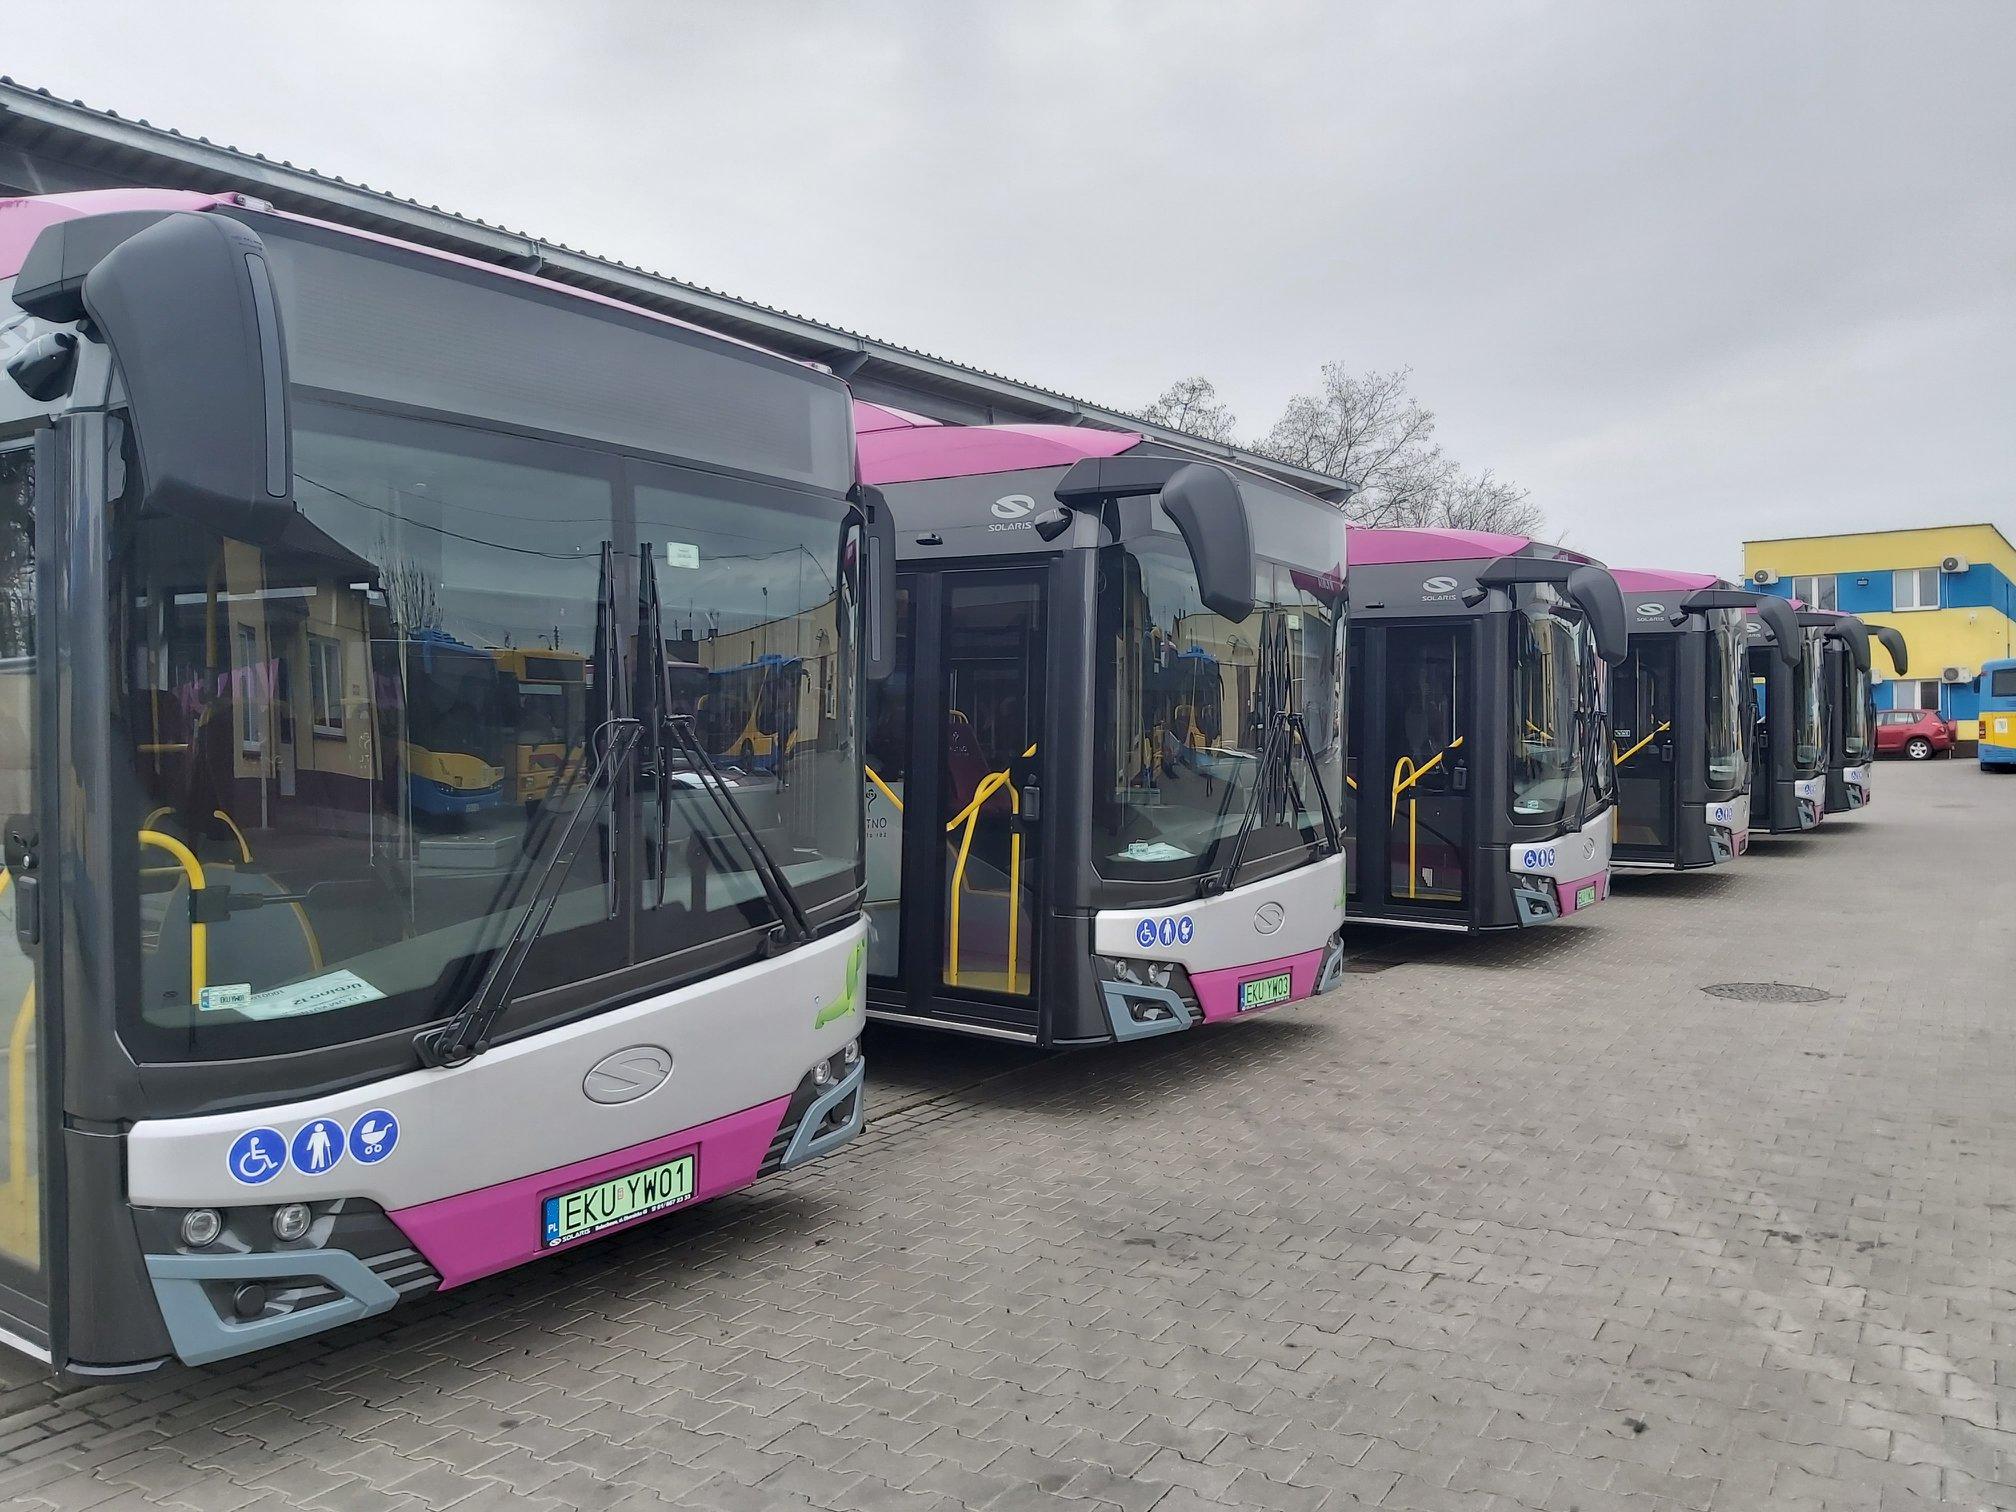 Bezpłatne autobusy dla dzieci i młodzieży w Kutnie? Miasto podjęło decyzję - Zdjęcie główne